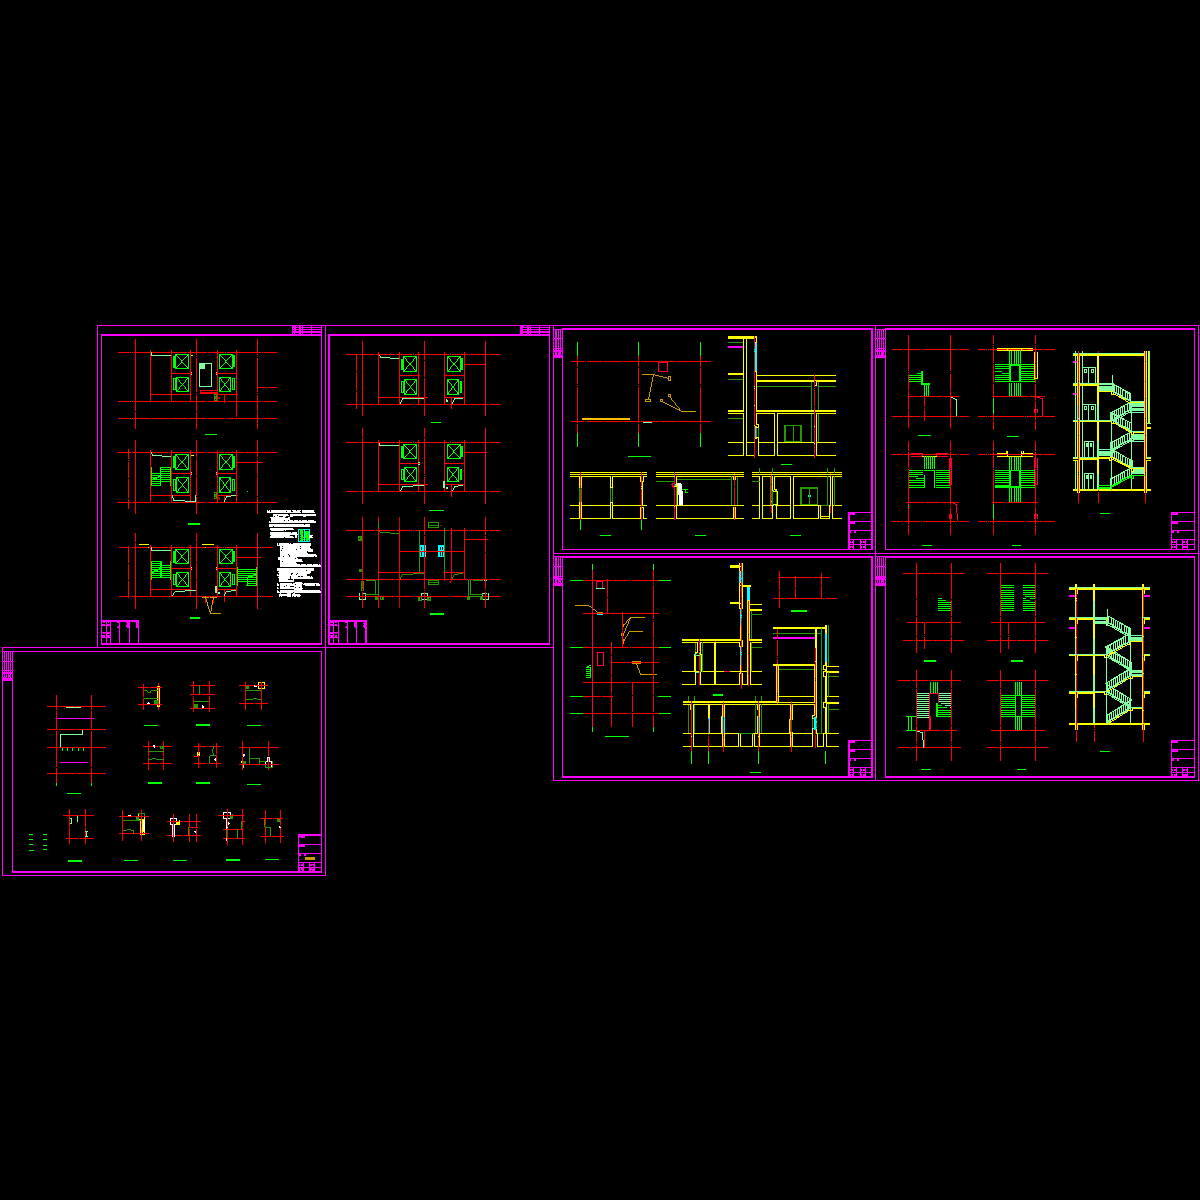 楼电梯卫生间详图1:50.dwg